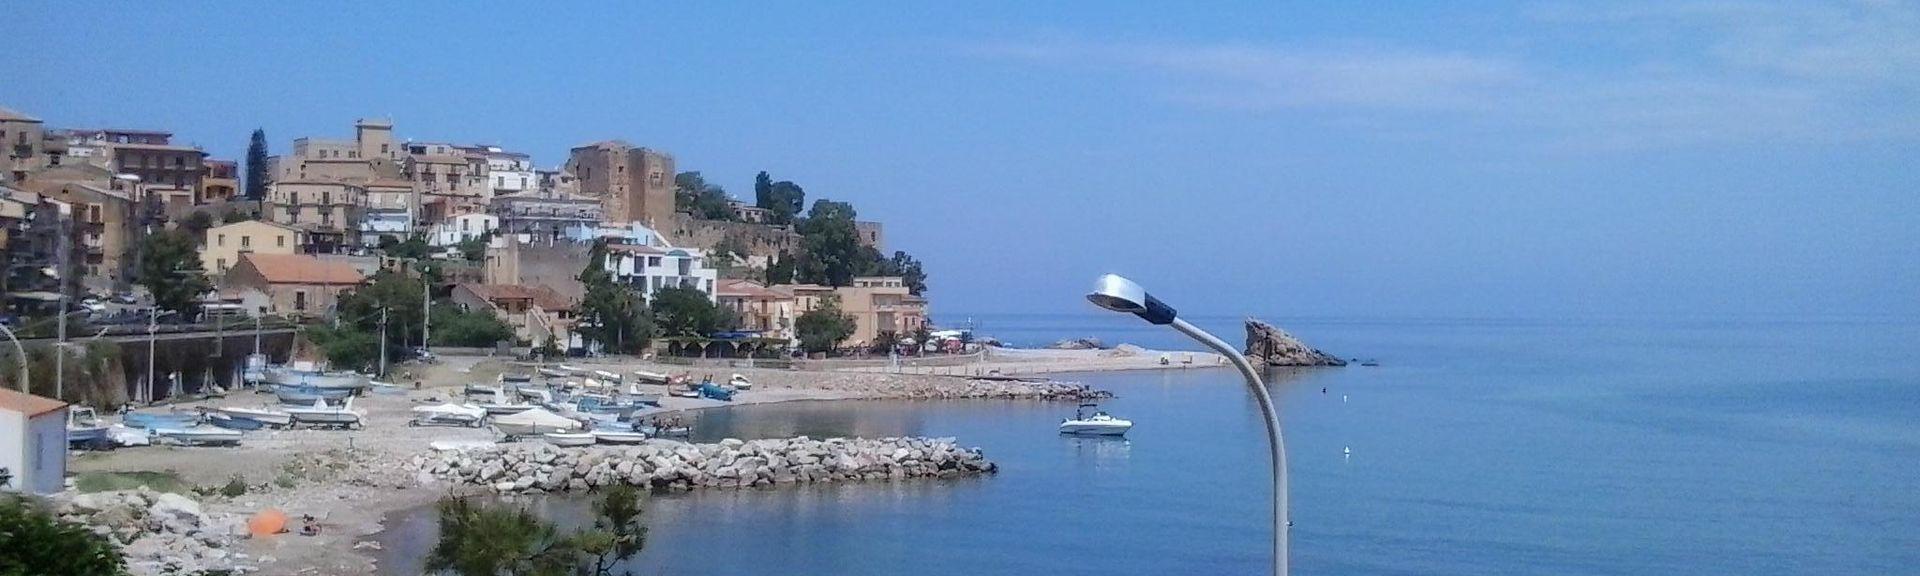 Pettineo, Sicily, Italy